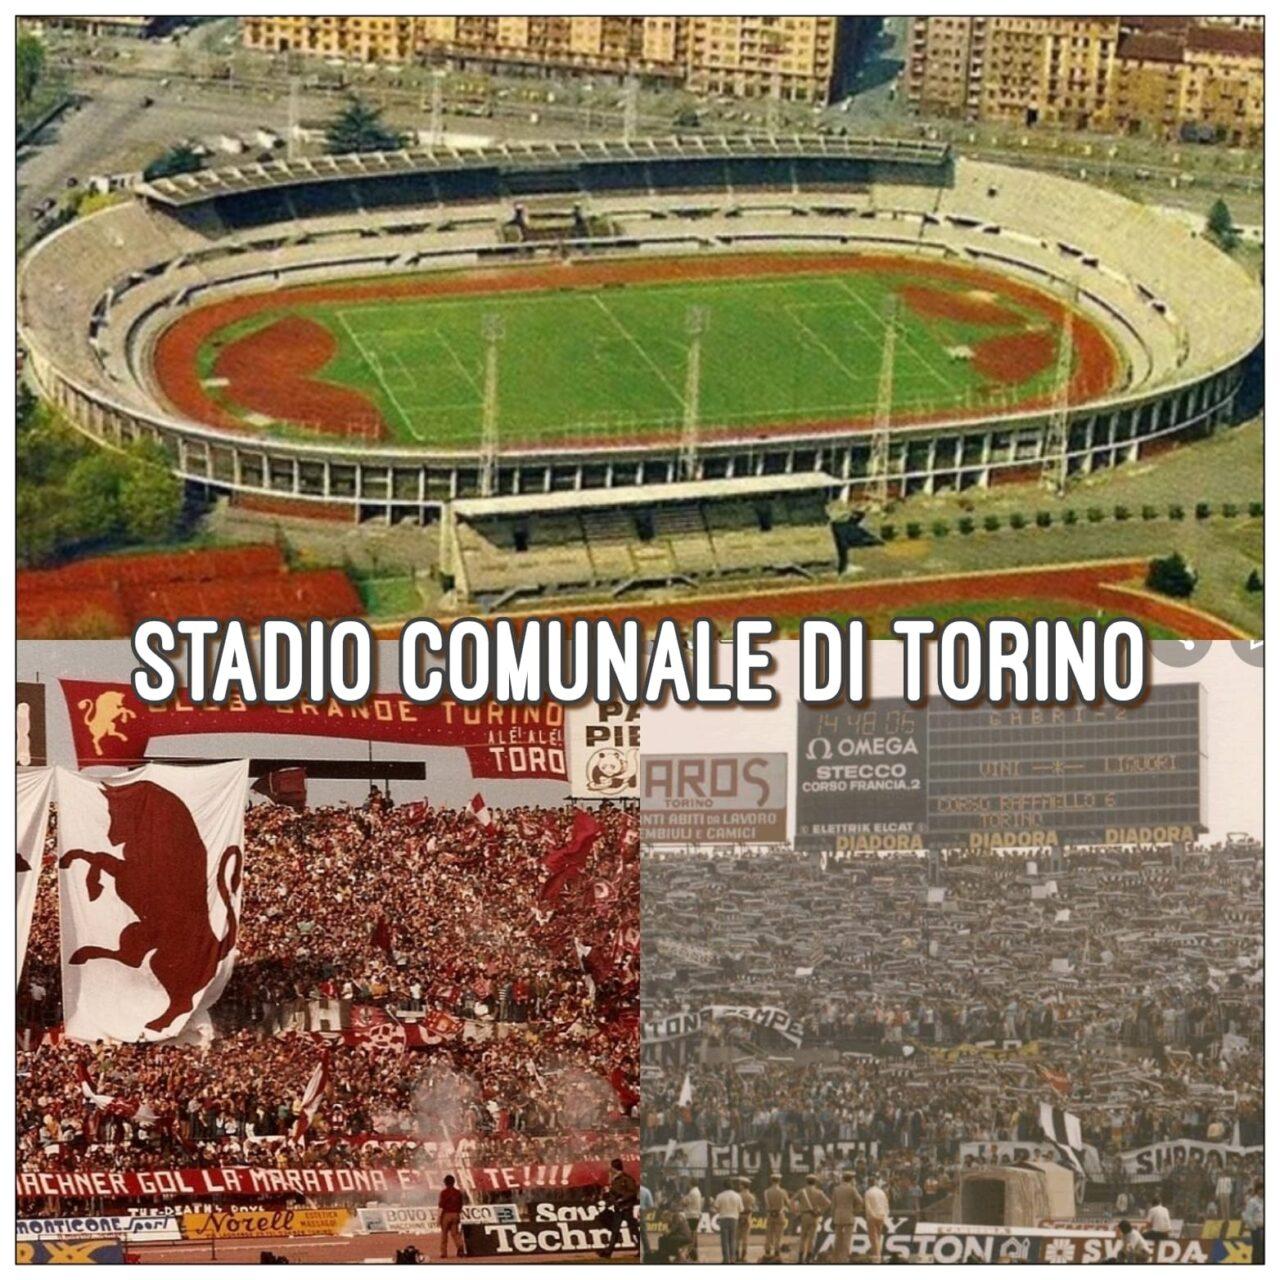 STADIO COMUNALE DI TORINO